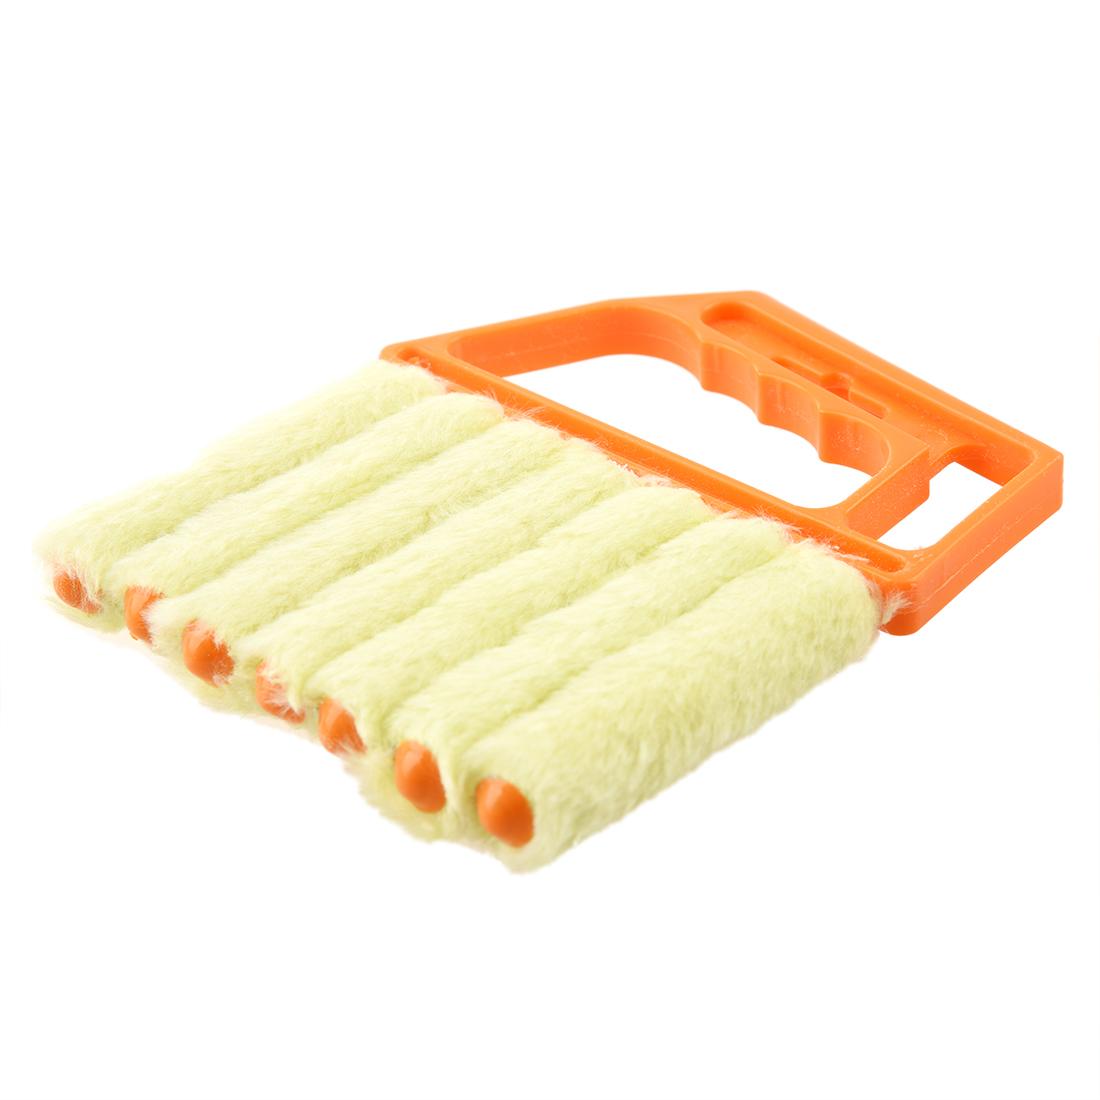 m9 mikrofaser jalousie buerste fenster klimaanlage staubtuch schmutz orange ebay. Black Bedroom Furniture Sets. Home Design Ideas